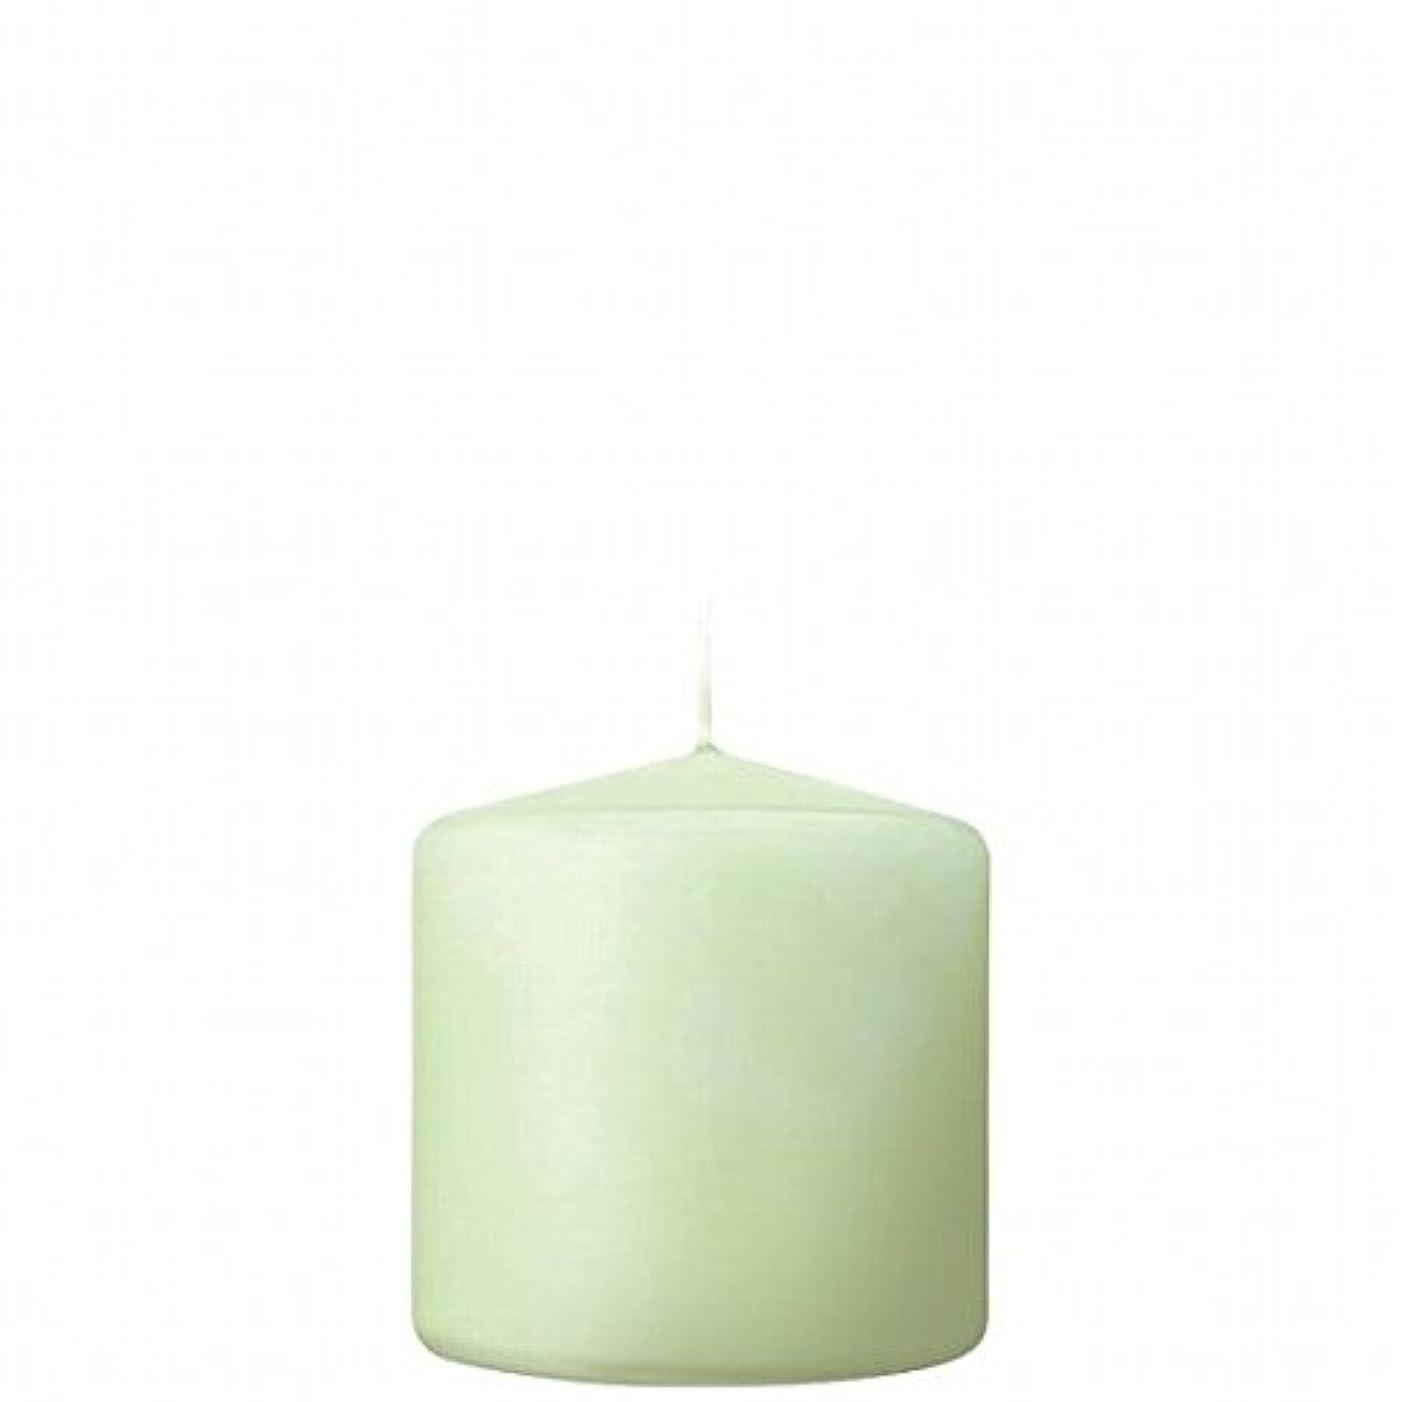 隠ウェイド用語集kameyama candle(カメヤマキャンドル) 3×3ベルトップピラーキャンドル 「 ホワイトグリーン 」(A9730000WG)